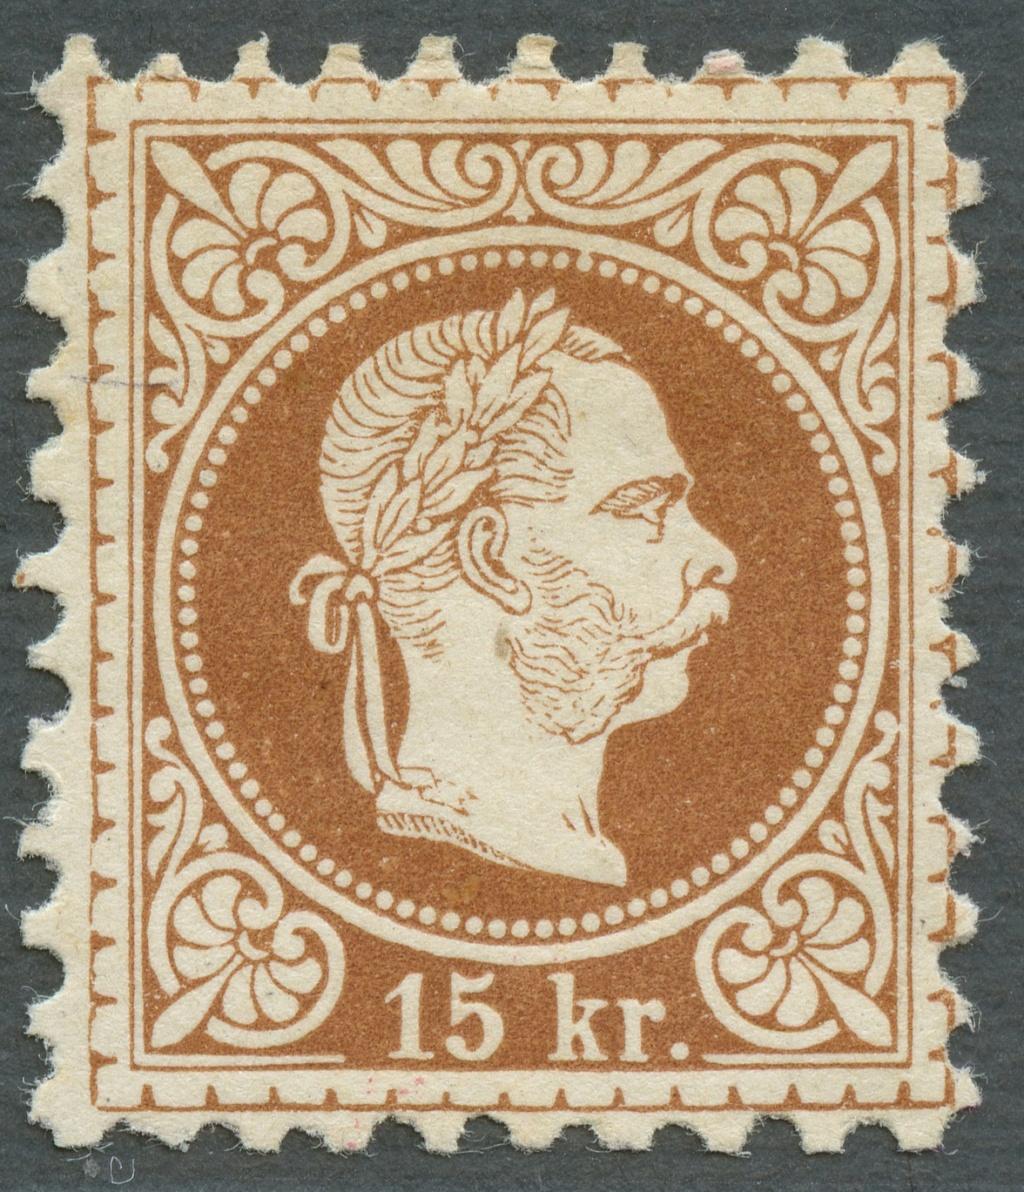 ungarn - Freimarken-Ausgabe 1867 : Kopfbildnis Kaiser Franz Joseph I - Seite 22 Ank_3910